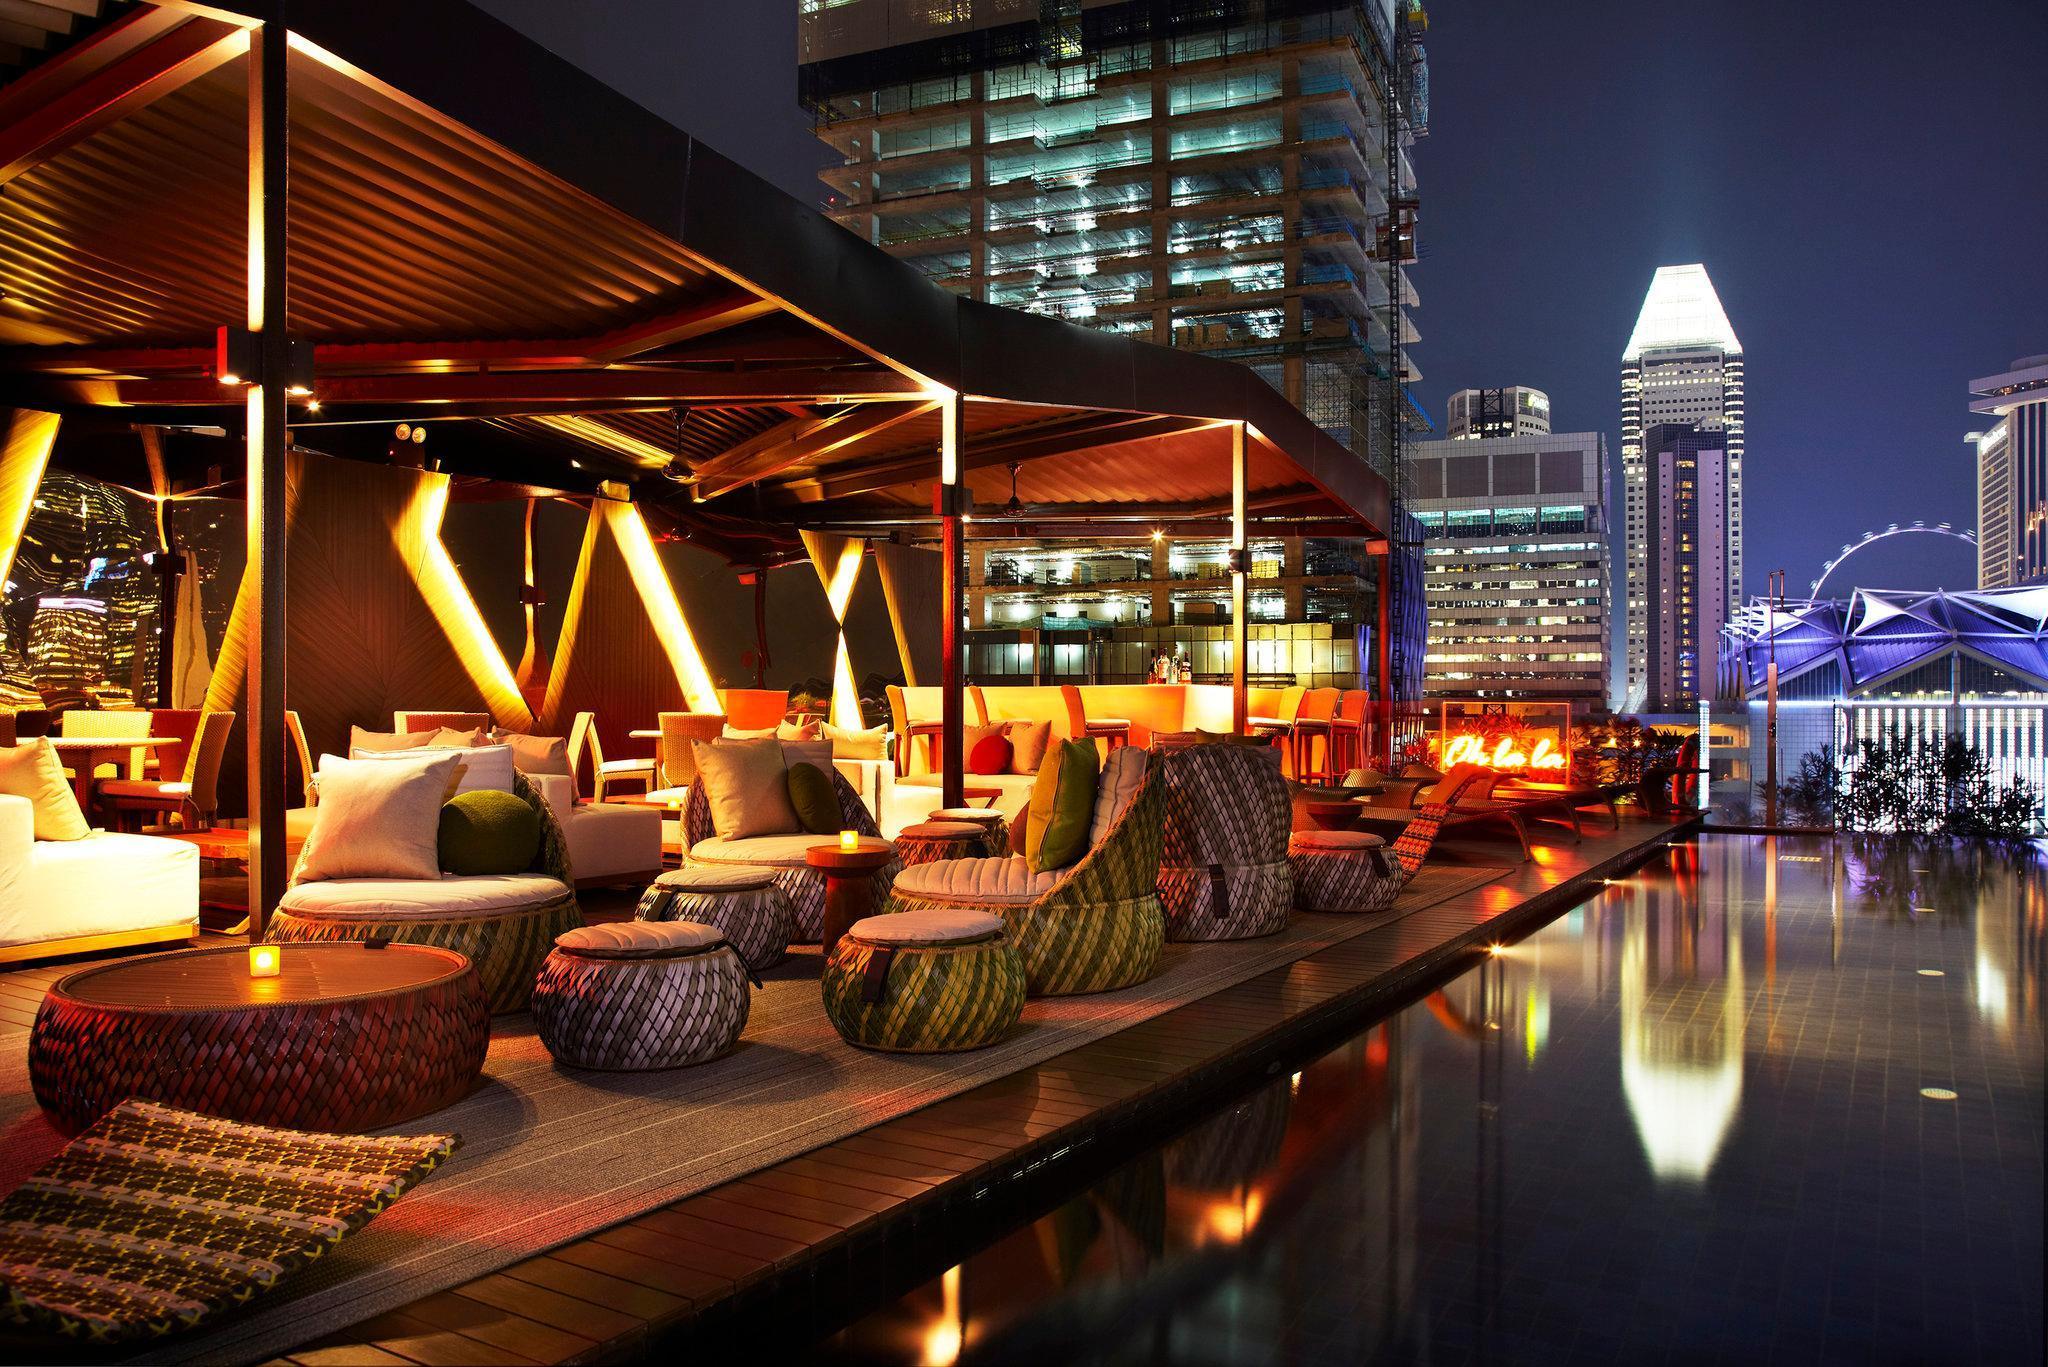 Naumi Singapore